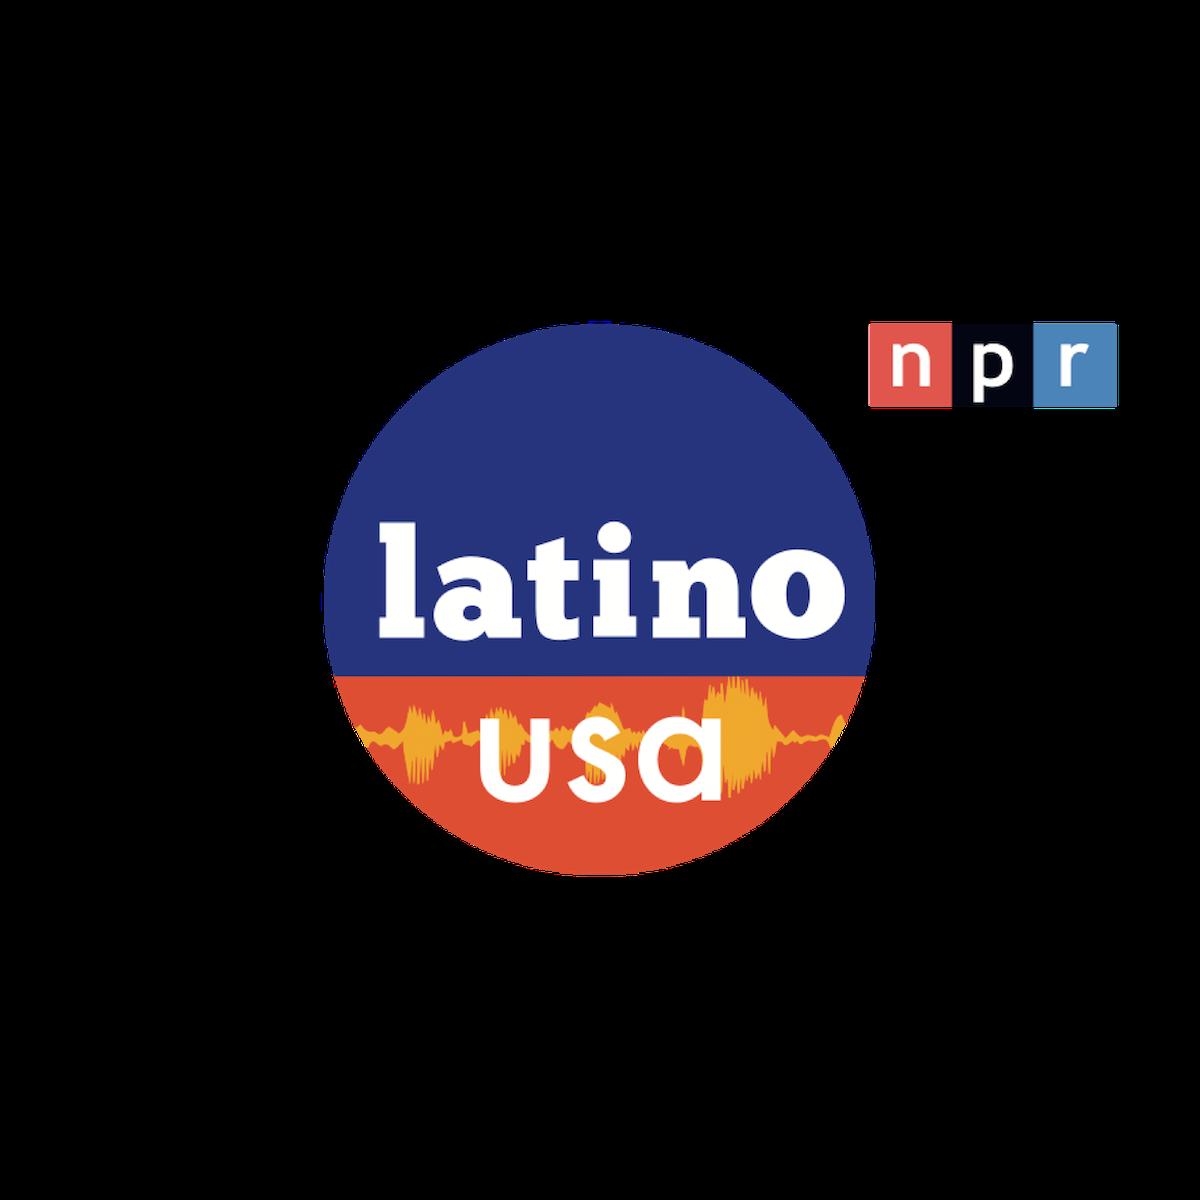 Keeping Kosher for NPR's Latino USA -